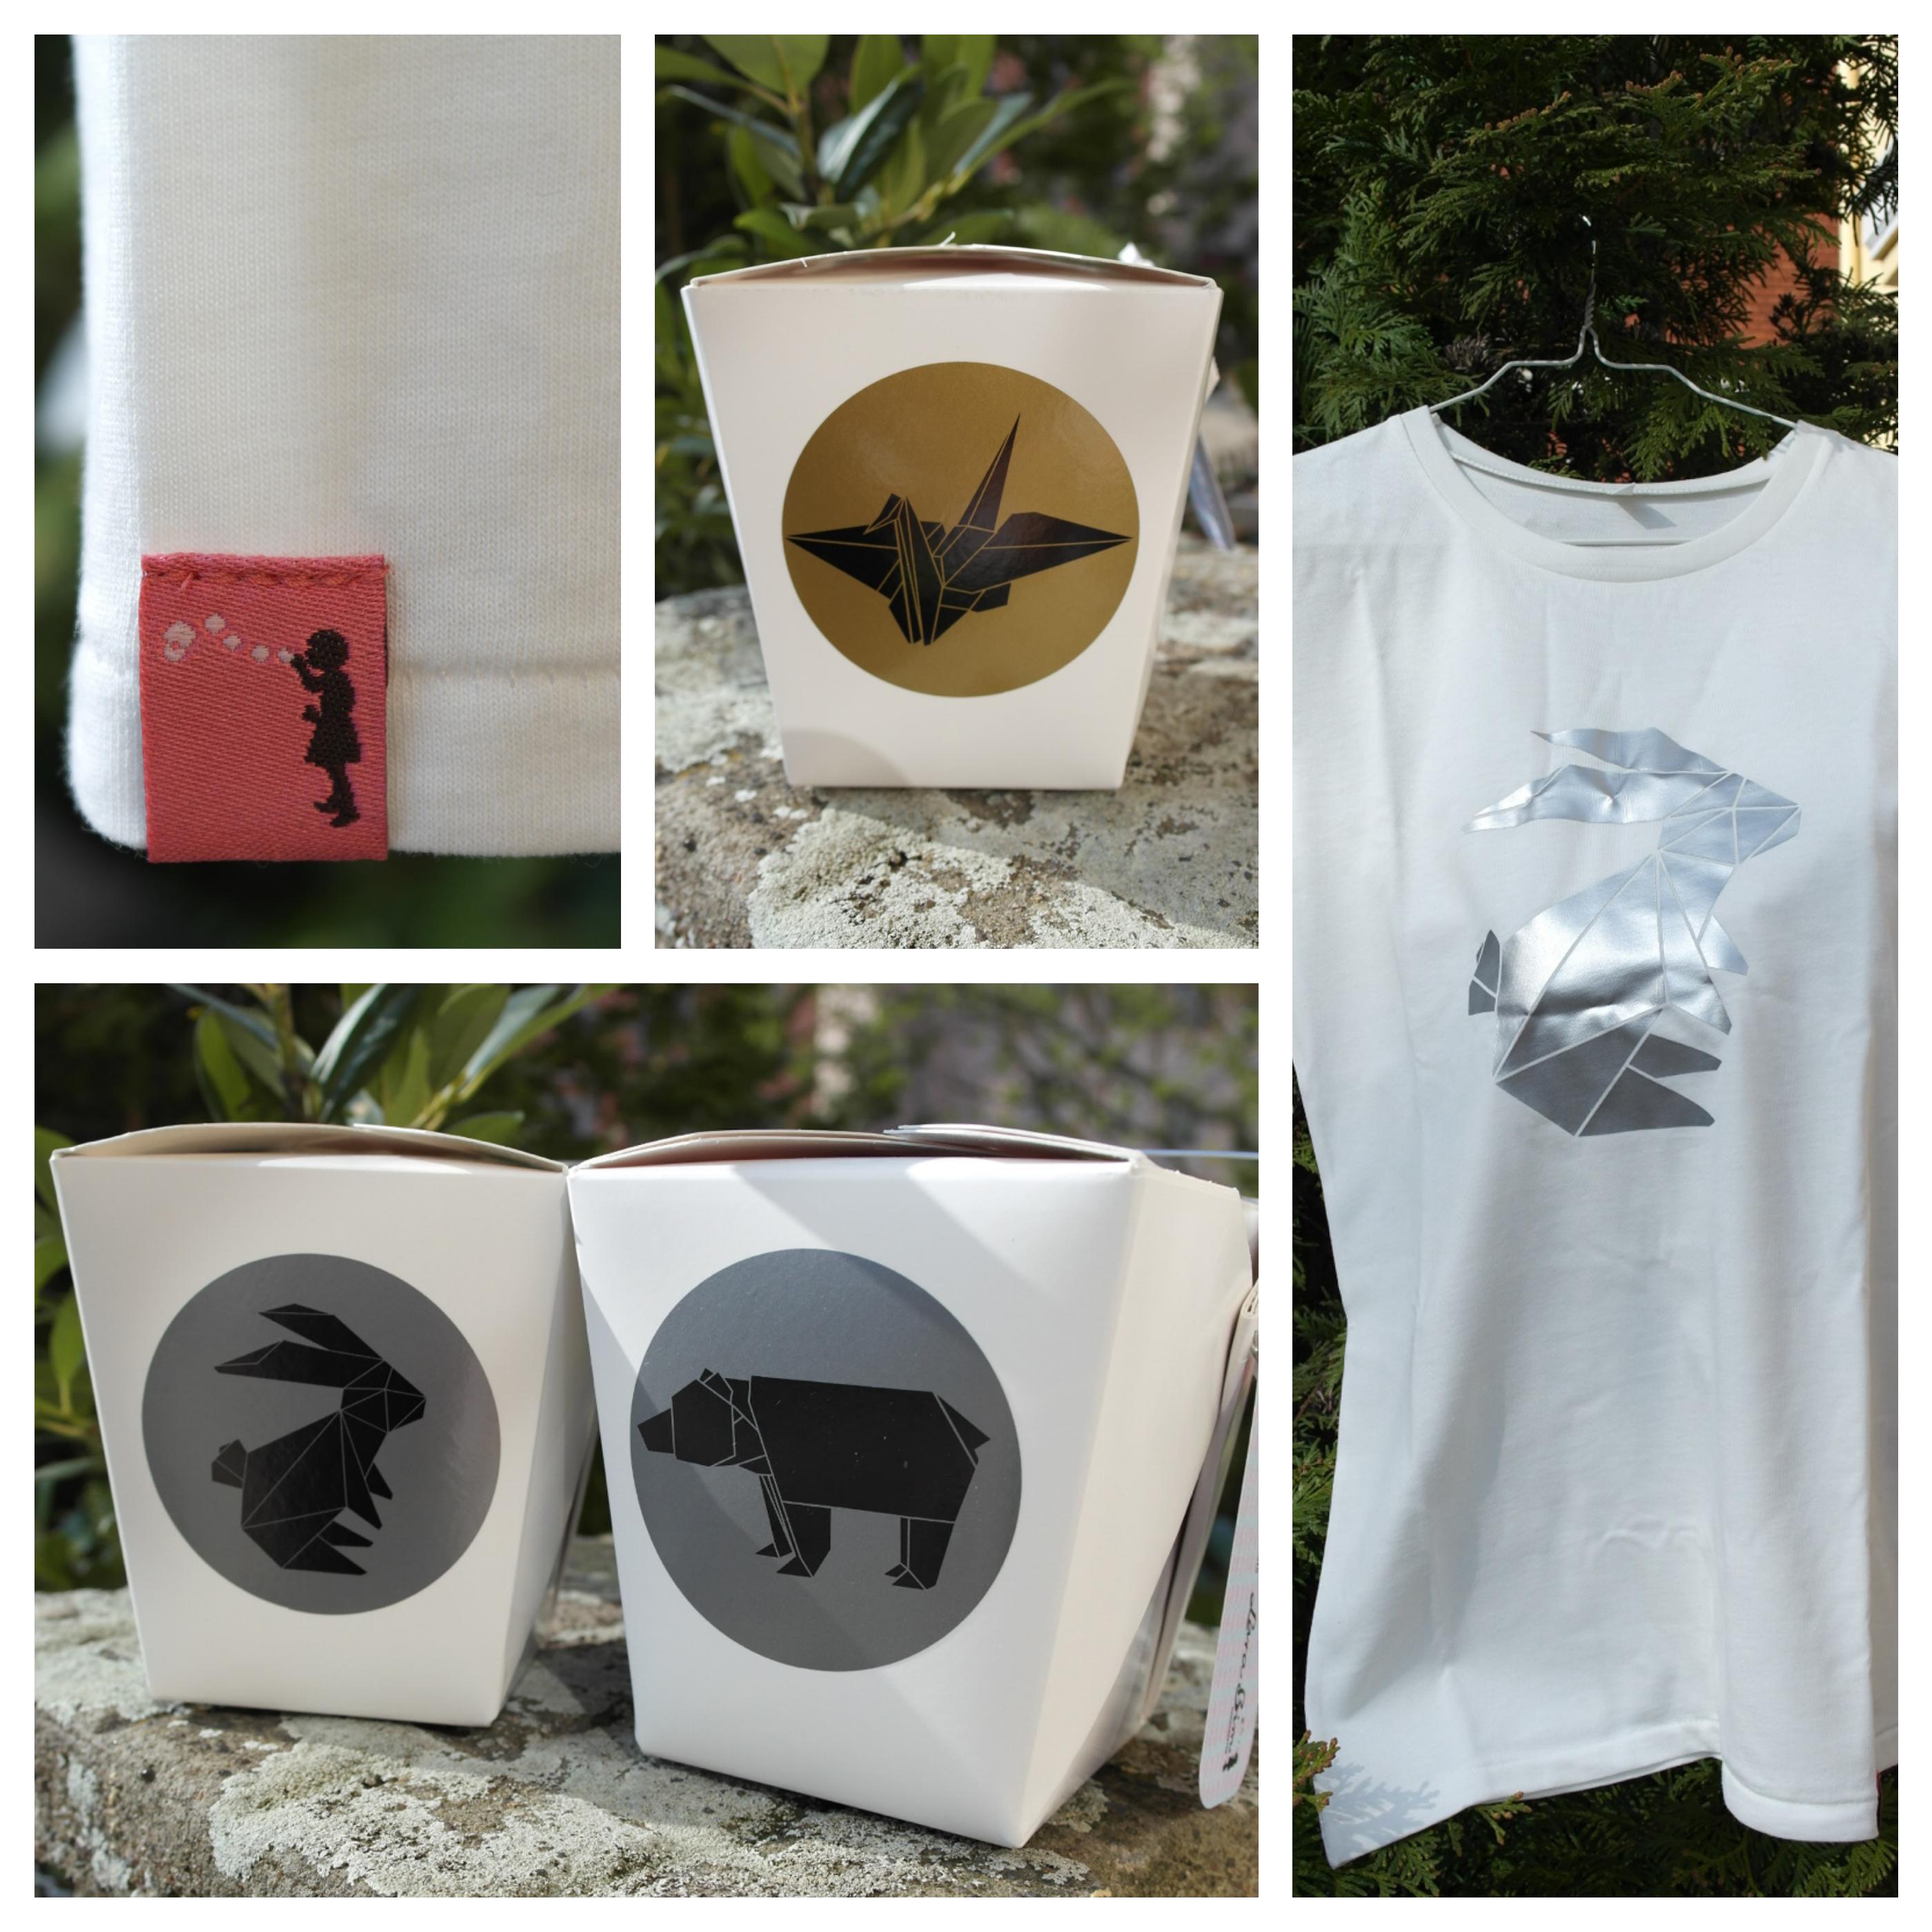 Lara Bim - Shirts